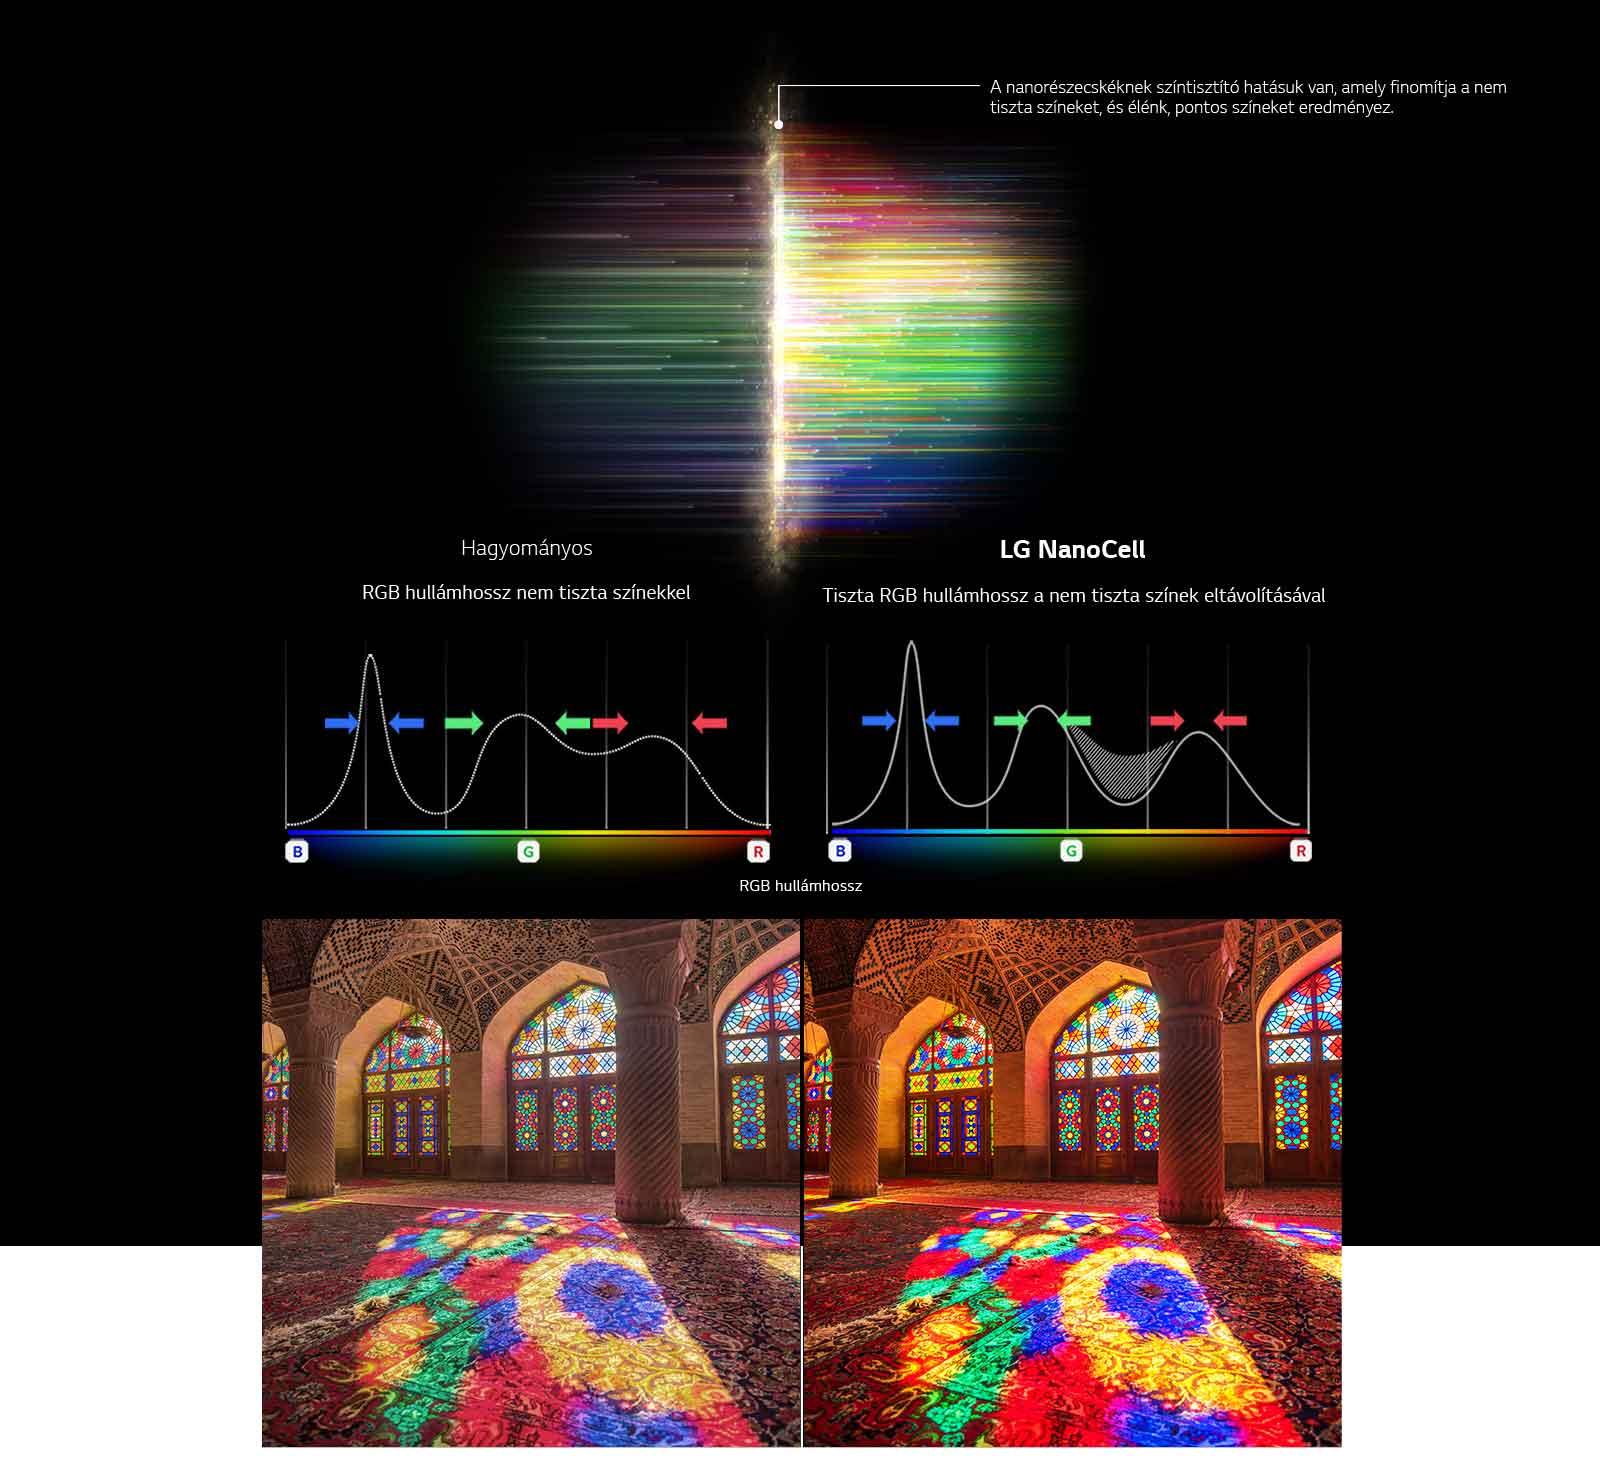 RGB-spektrumot ábrázoló grafikon, amely szemlélteti a fakó színek eltávolítását, valamint képek, amelyek összehasonlítják a színtisztaságot a hagyományos és a NanoCell technológiák esetén.